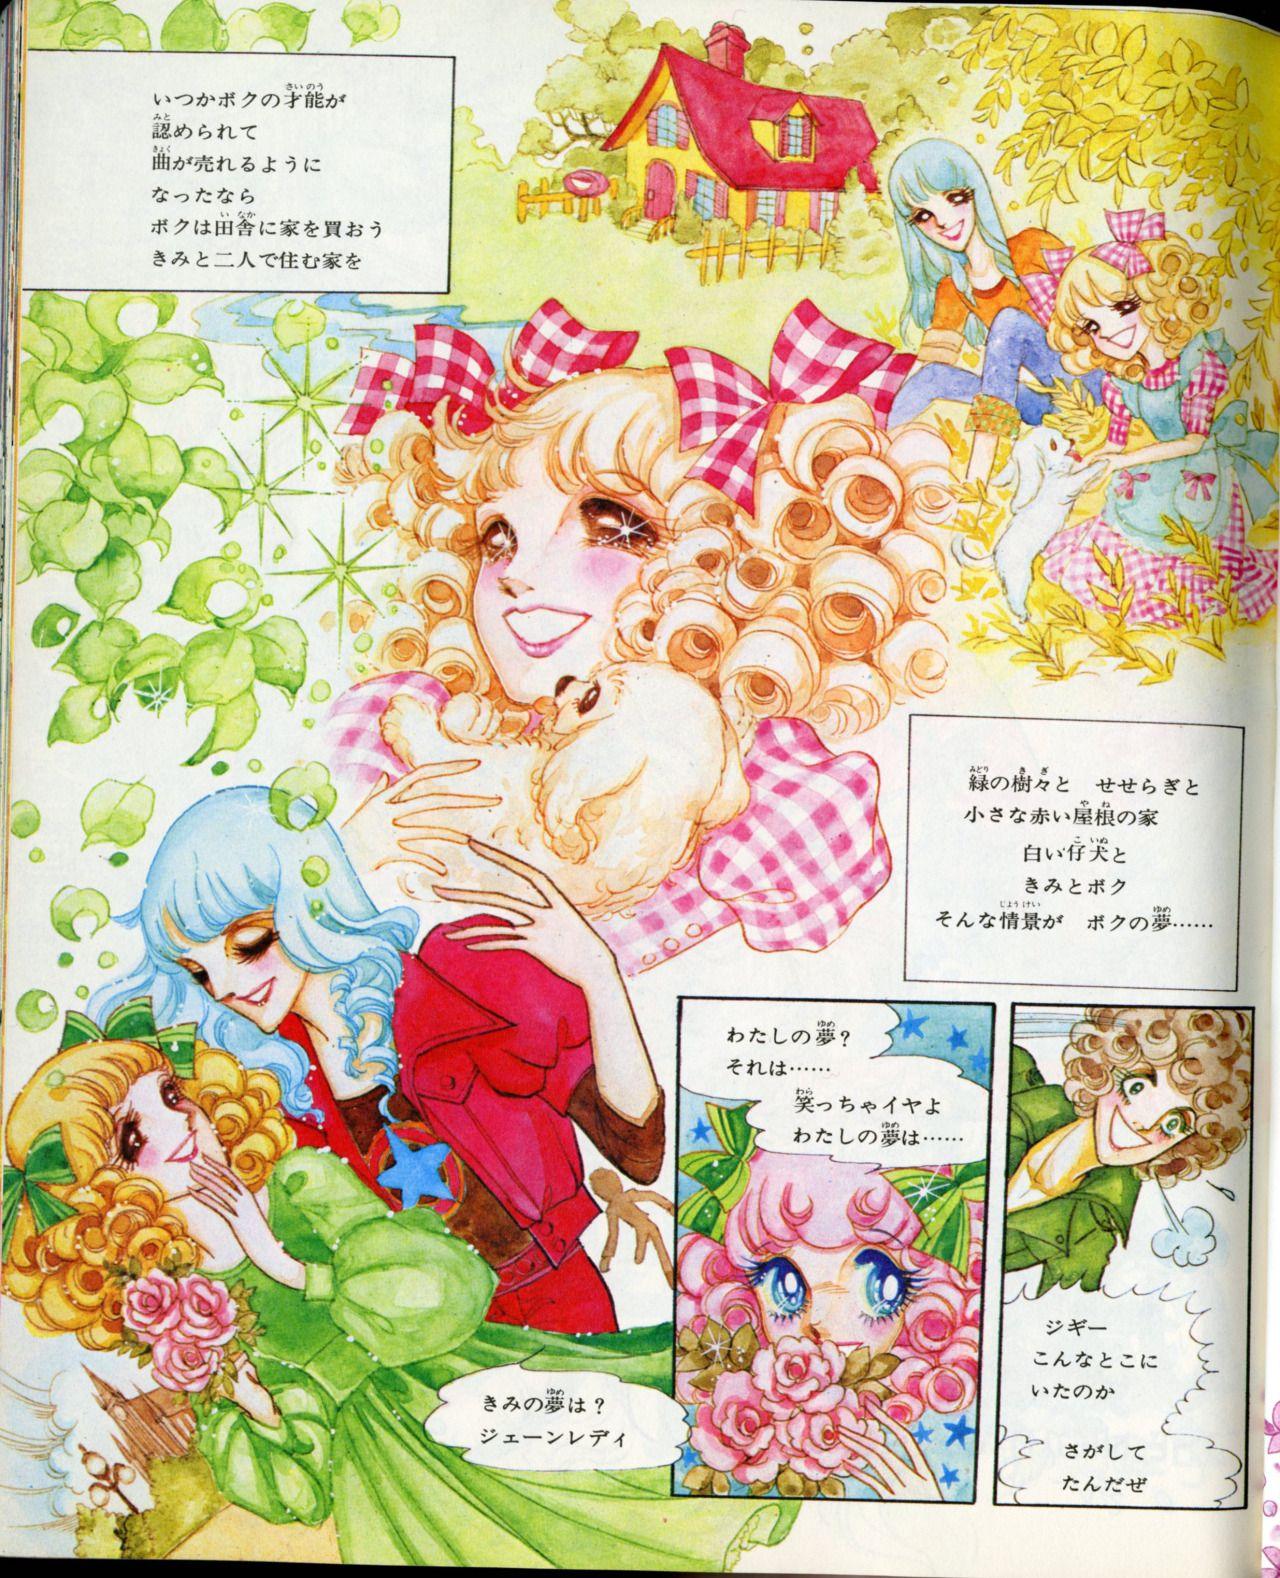 Feh yes vintage manga photo anime history of manga